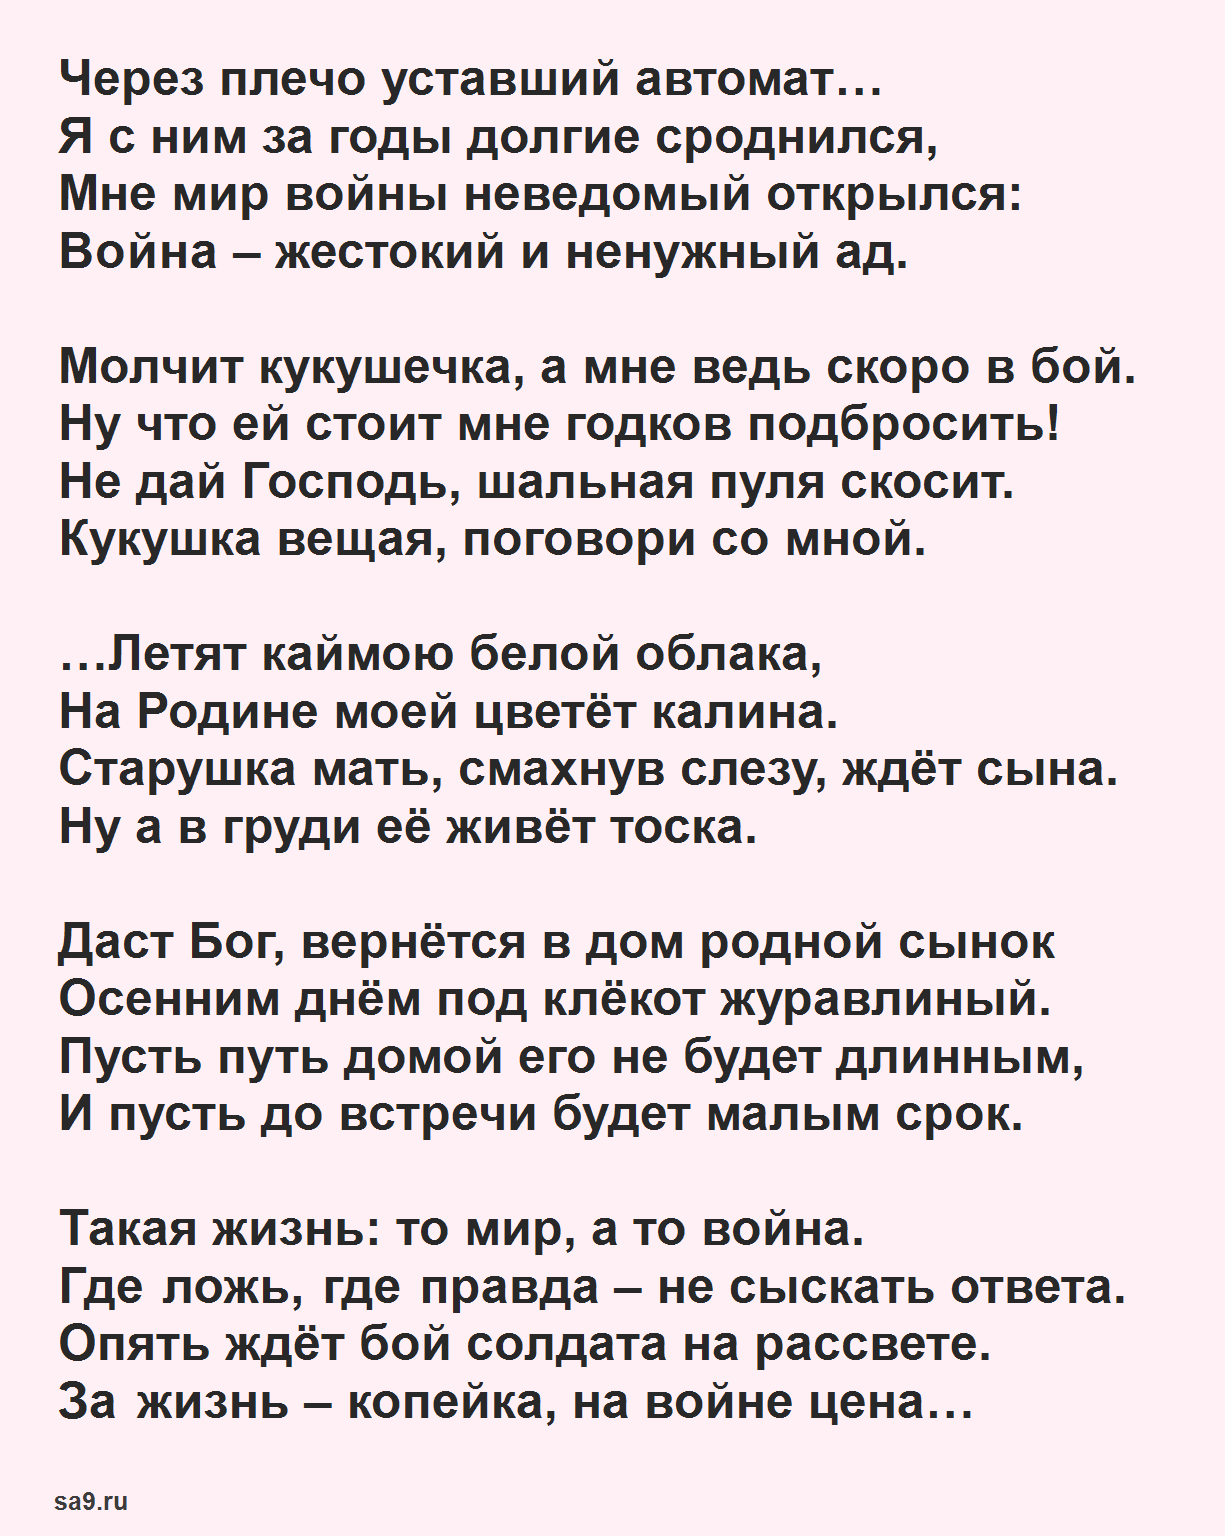 Читать стихи о войне для школьников - Служивый, Мордовина